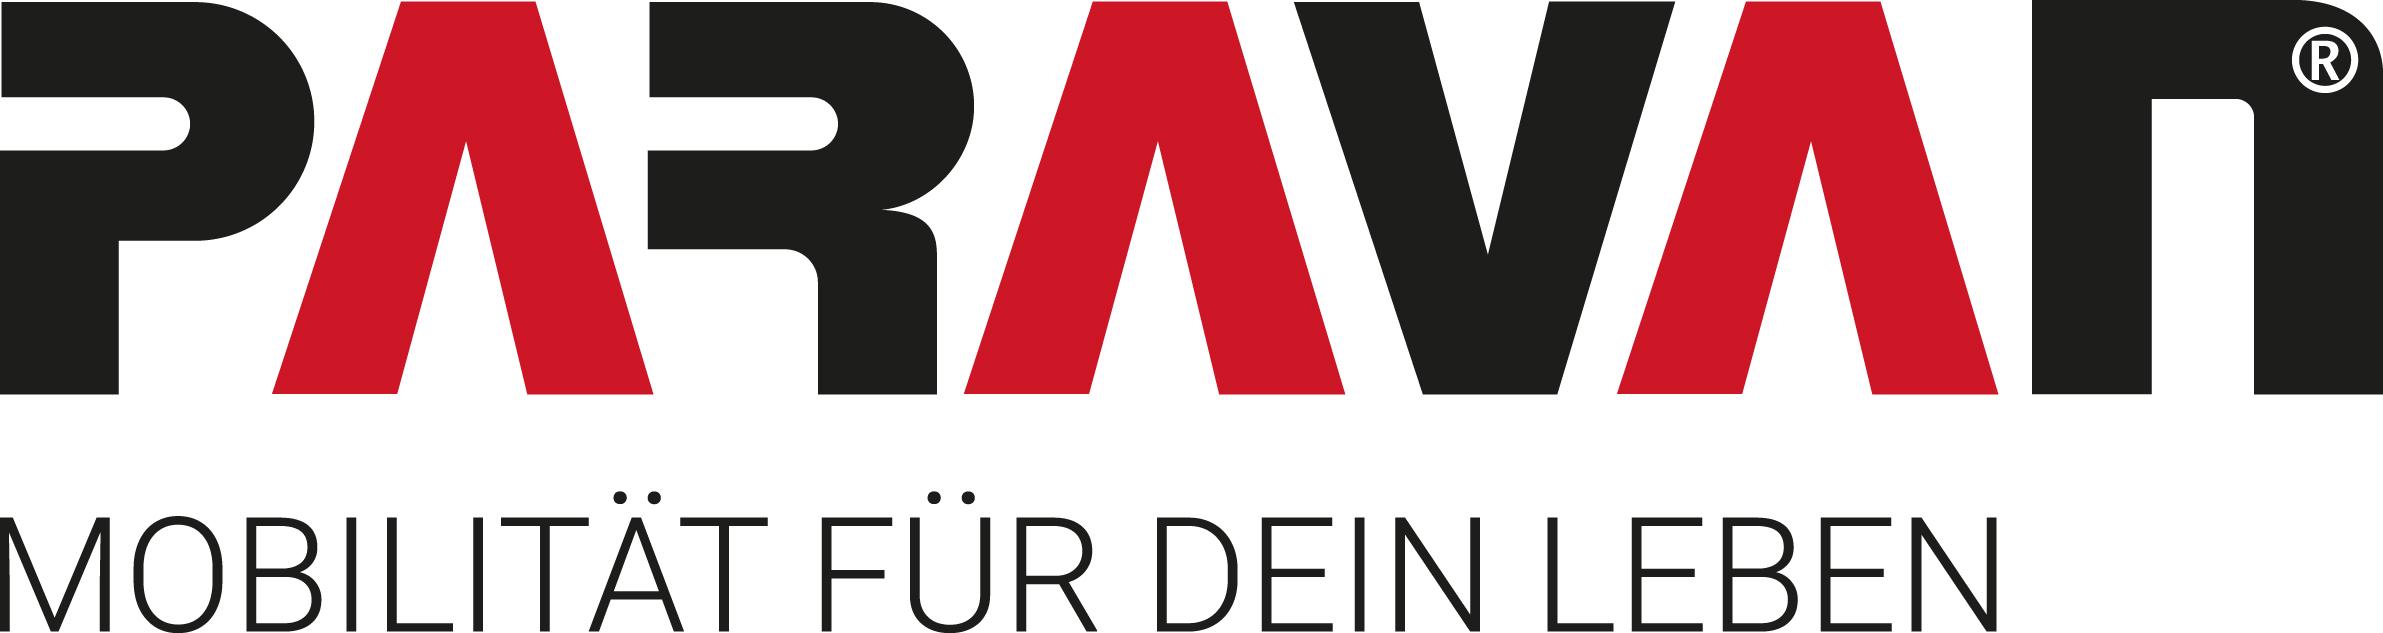 DE_Paravan-Logo-ClaimLinks_Color_RGB-939884f3